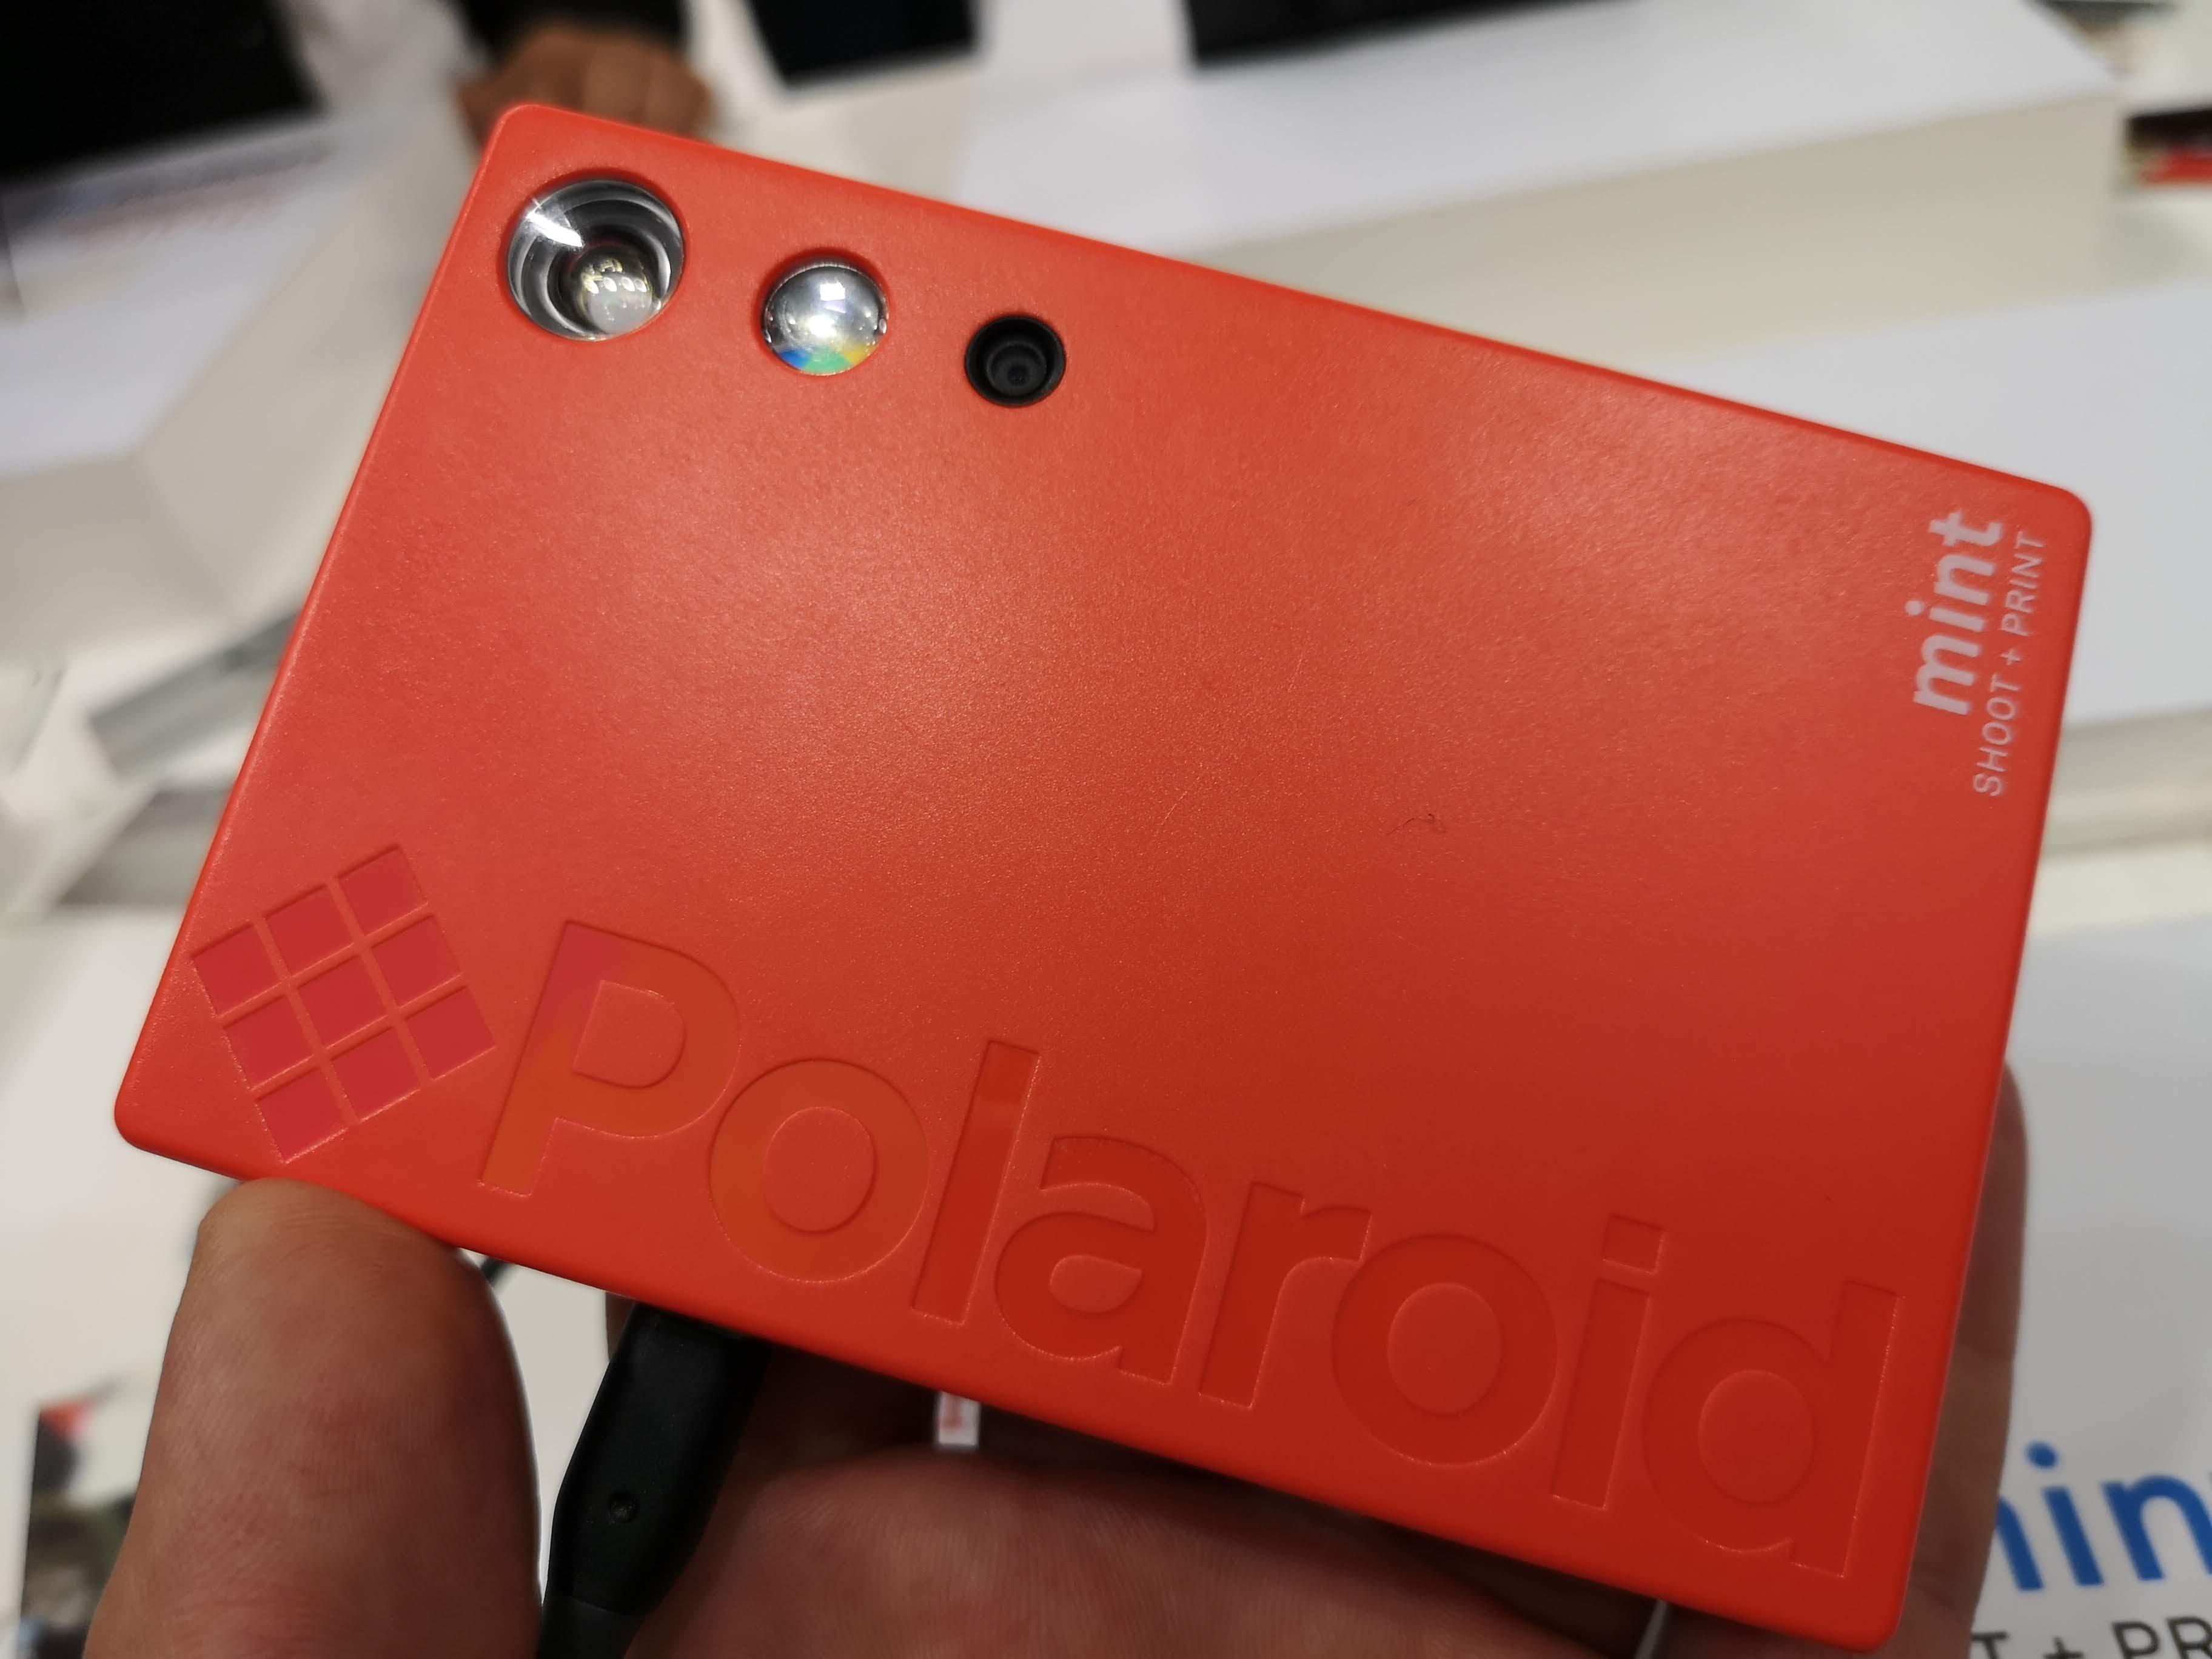 Polaroid Mint 2-in-1: non solo scatti fotografici ma anche stampa in Bianco e Nero, Seppia o Colore